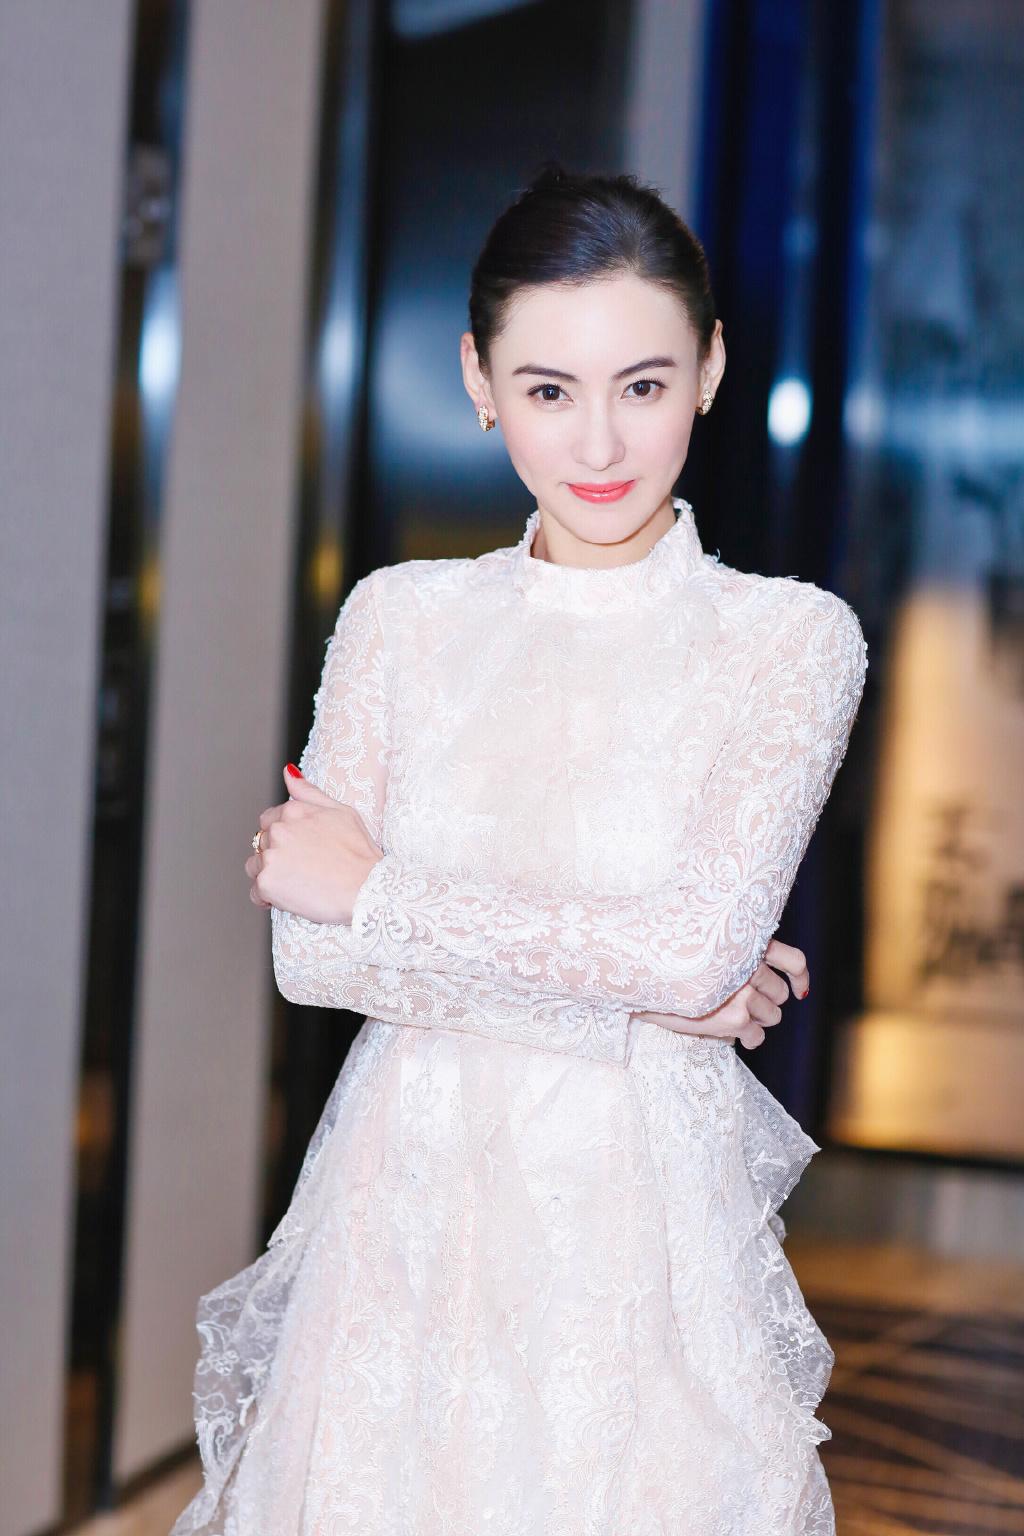 Chuẩn bị đến sống tại biệt thự 245 tỷ ở Bắc Kinh, Trương Bá Chi hé lộ danh tính người tình bí ẩn - Ảnh 6